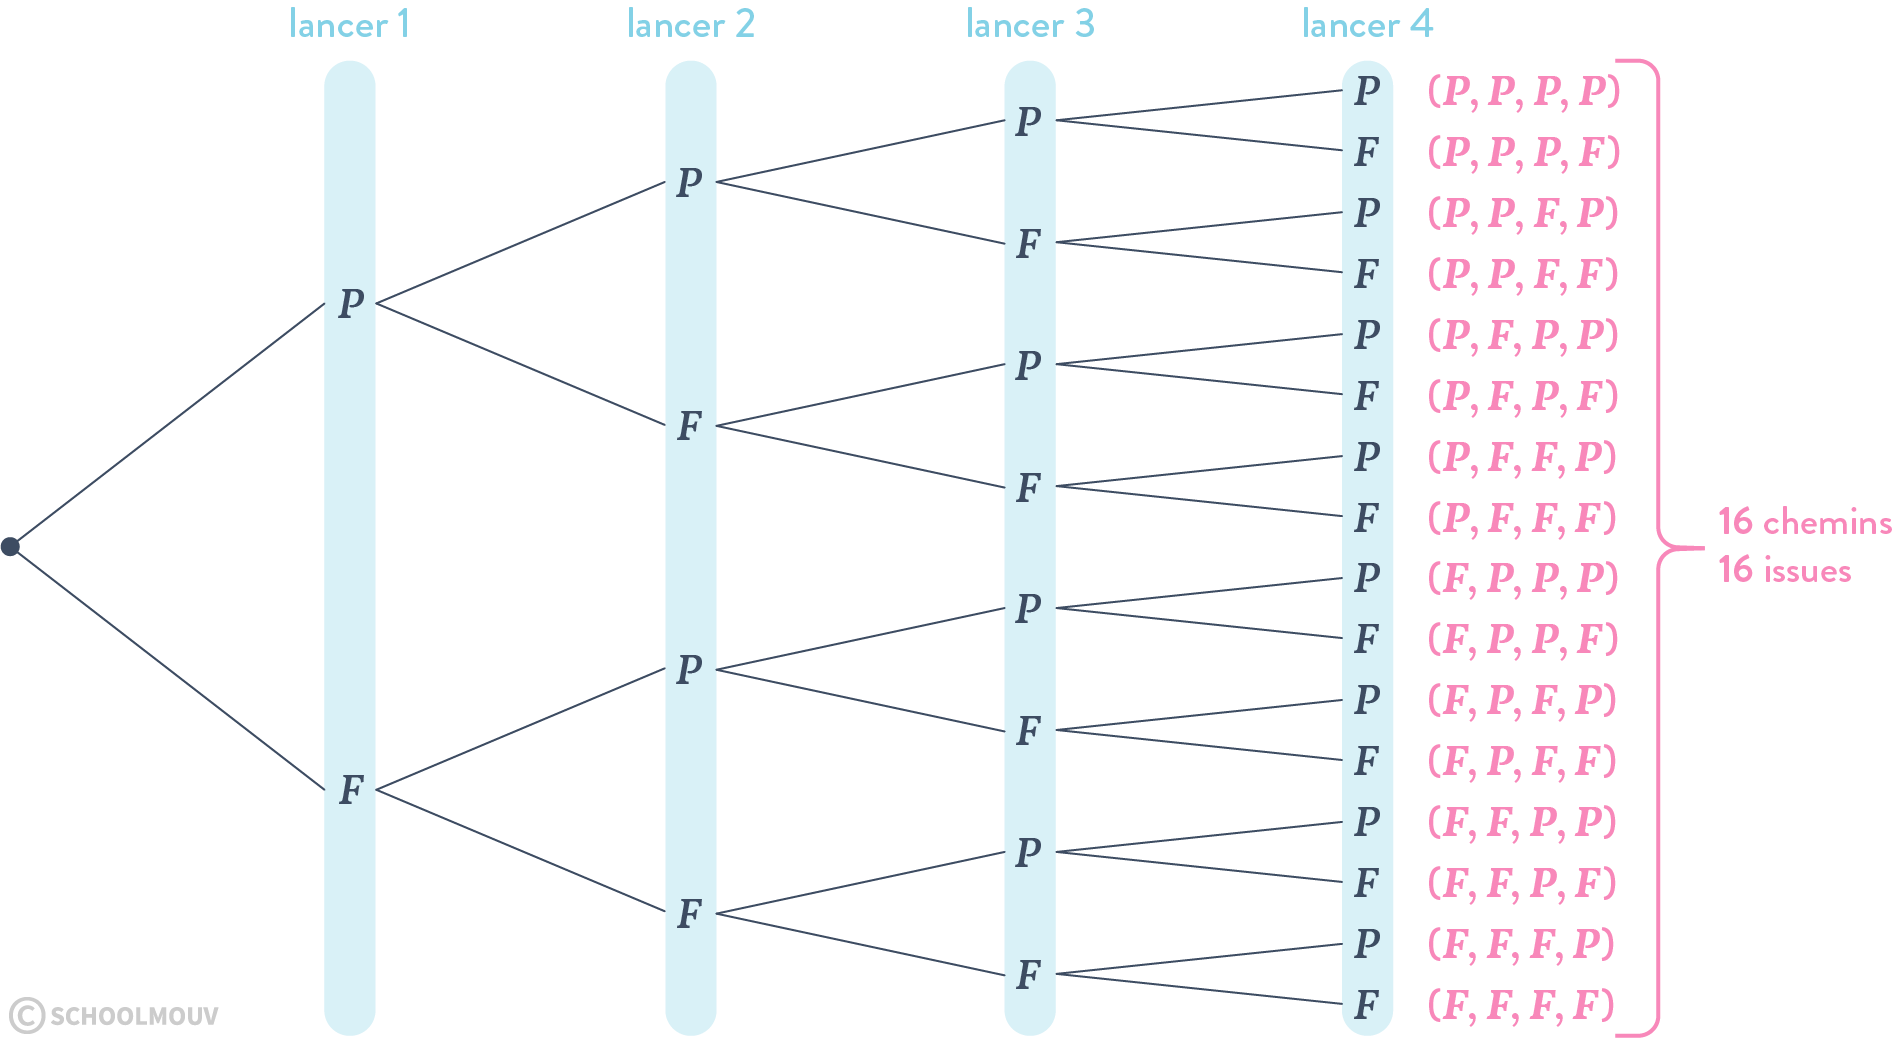 Factorielle K Uplet Permutation Et Combinaison Fiche De Cours Mathematiques Schoolmouv